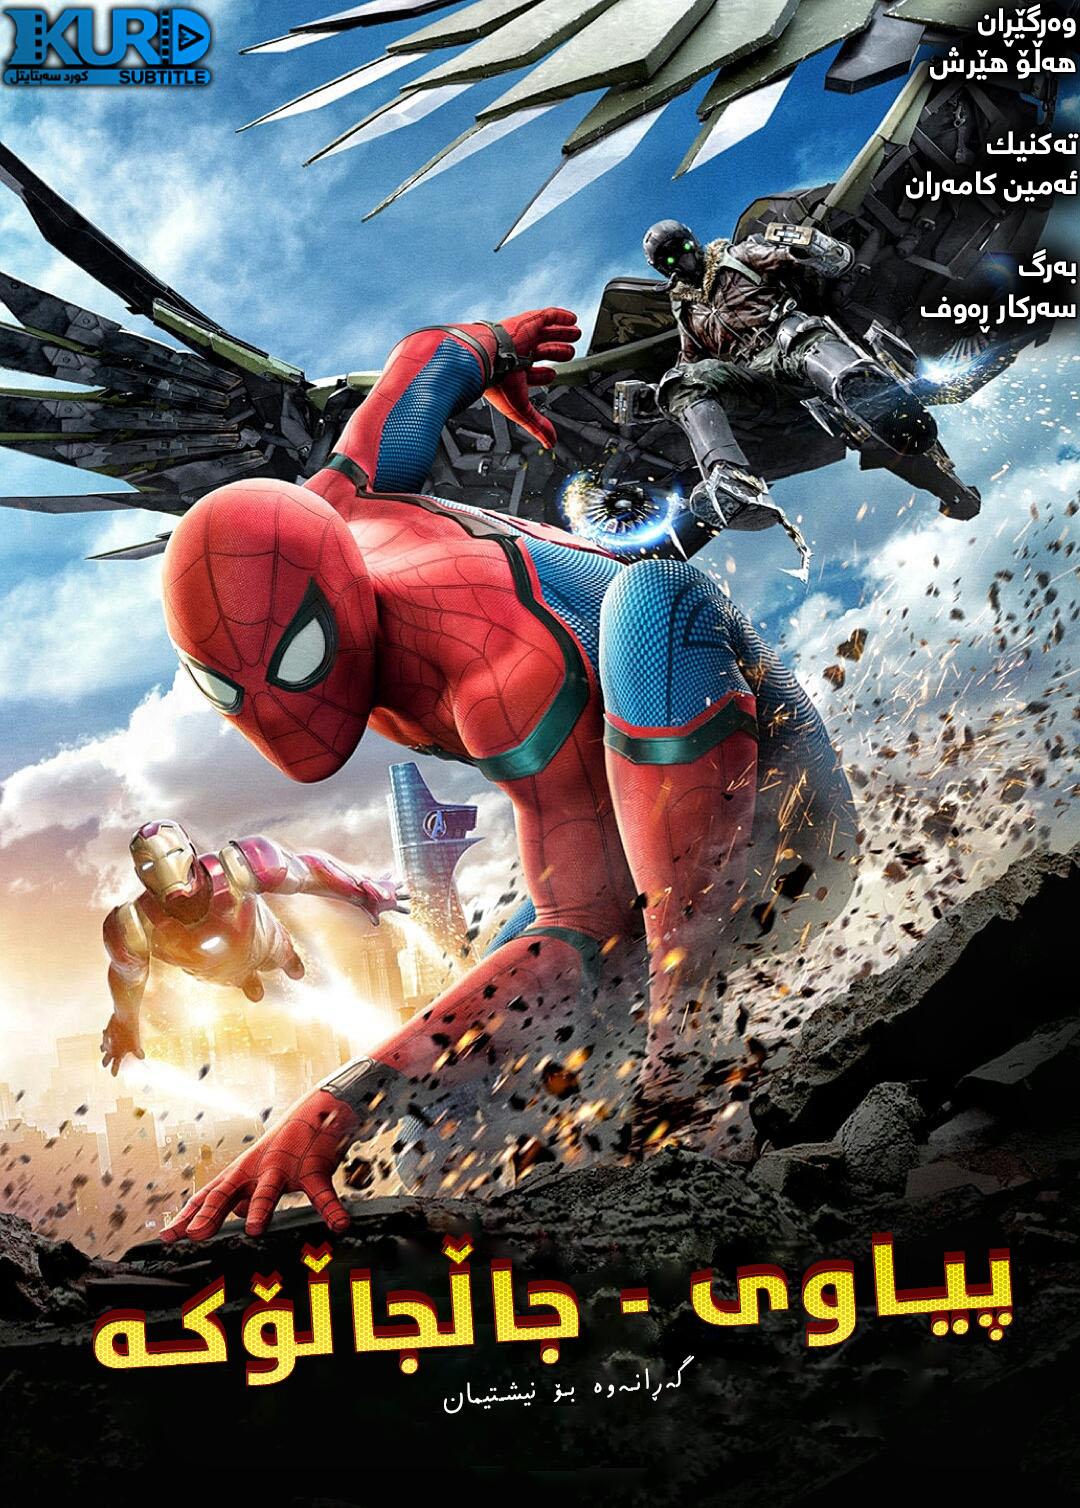 فــیـلـمـی ژێرنووسکراوی کوردی (Spider-Man: Homecoming 2017)